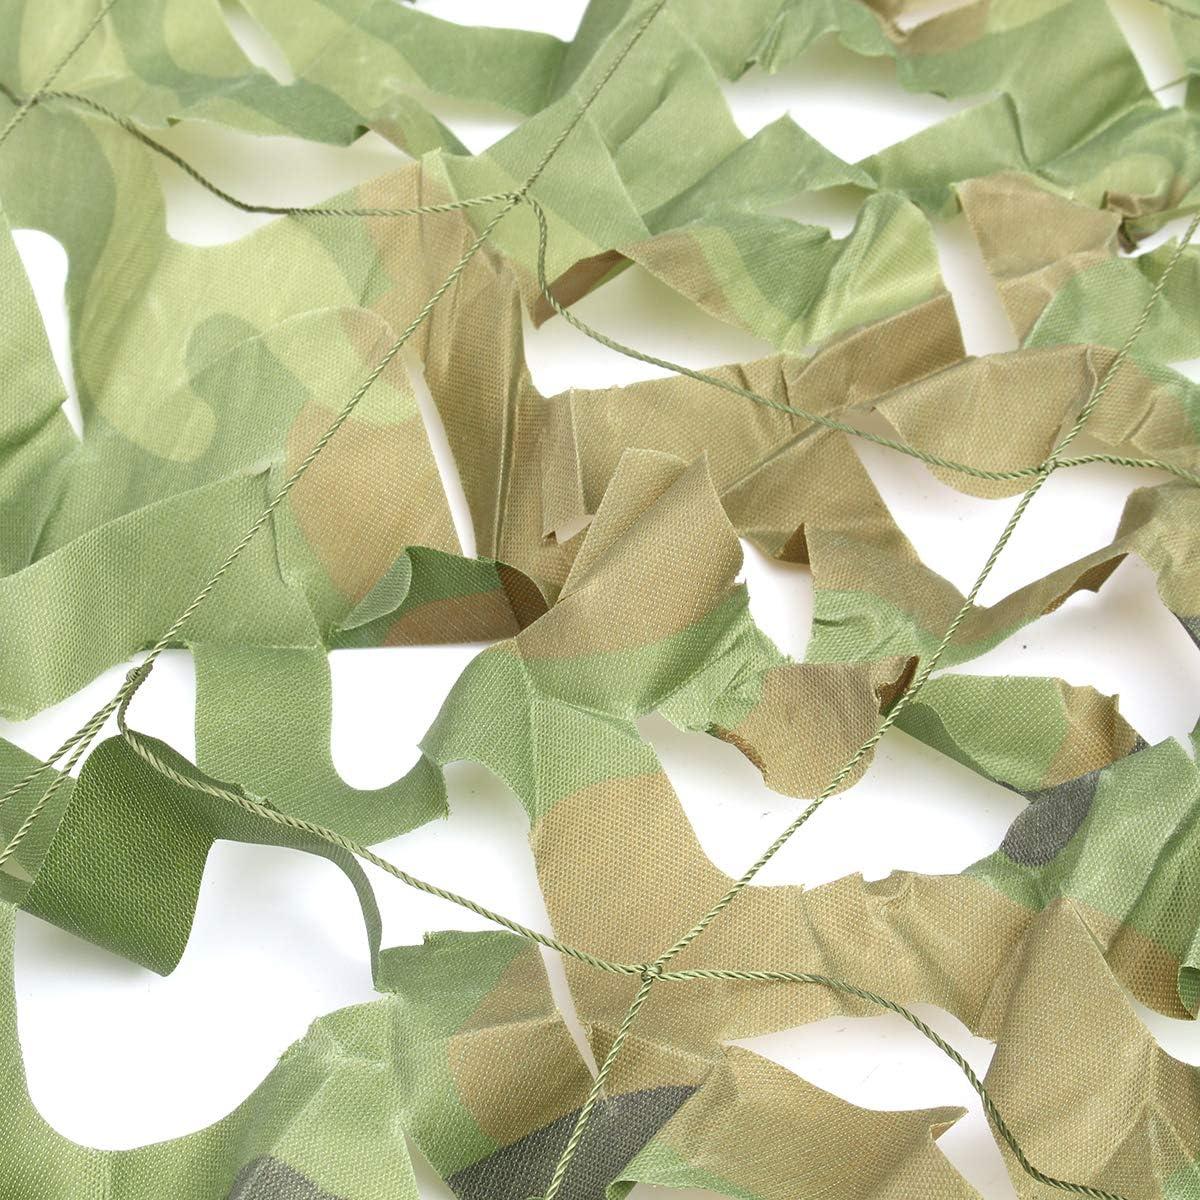 AVANI EXCHANGE 4mX6m Jungle Camo Filet Camouflage Net pour la Couverture de Voiture Camping Woodland Chasse Militaire